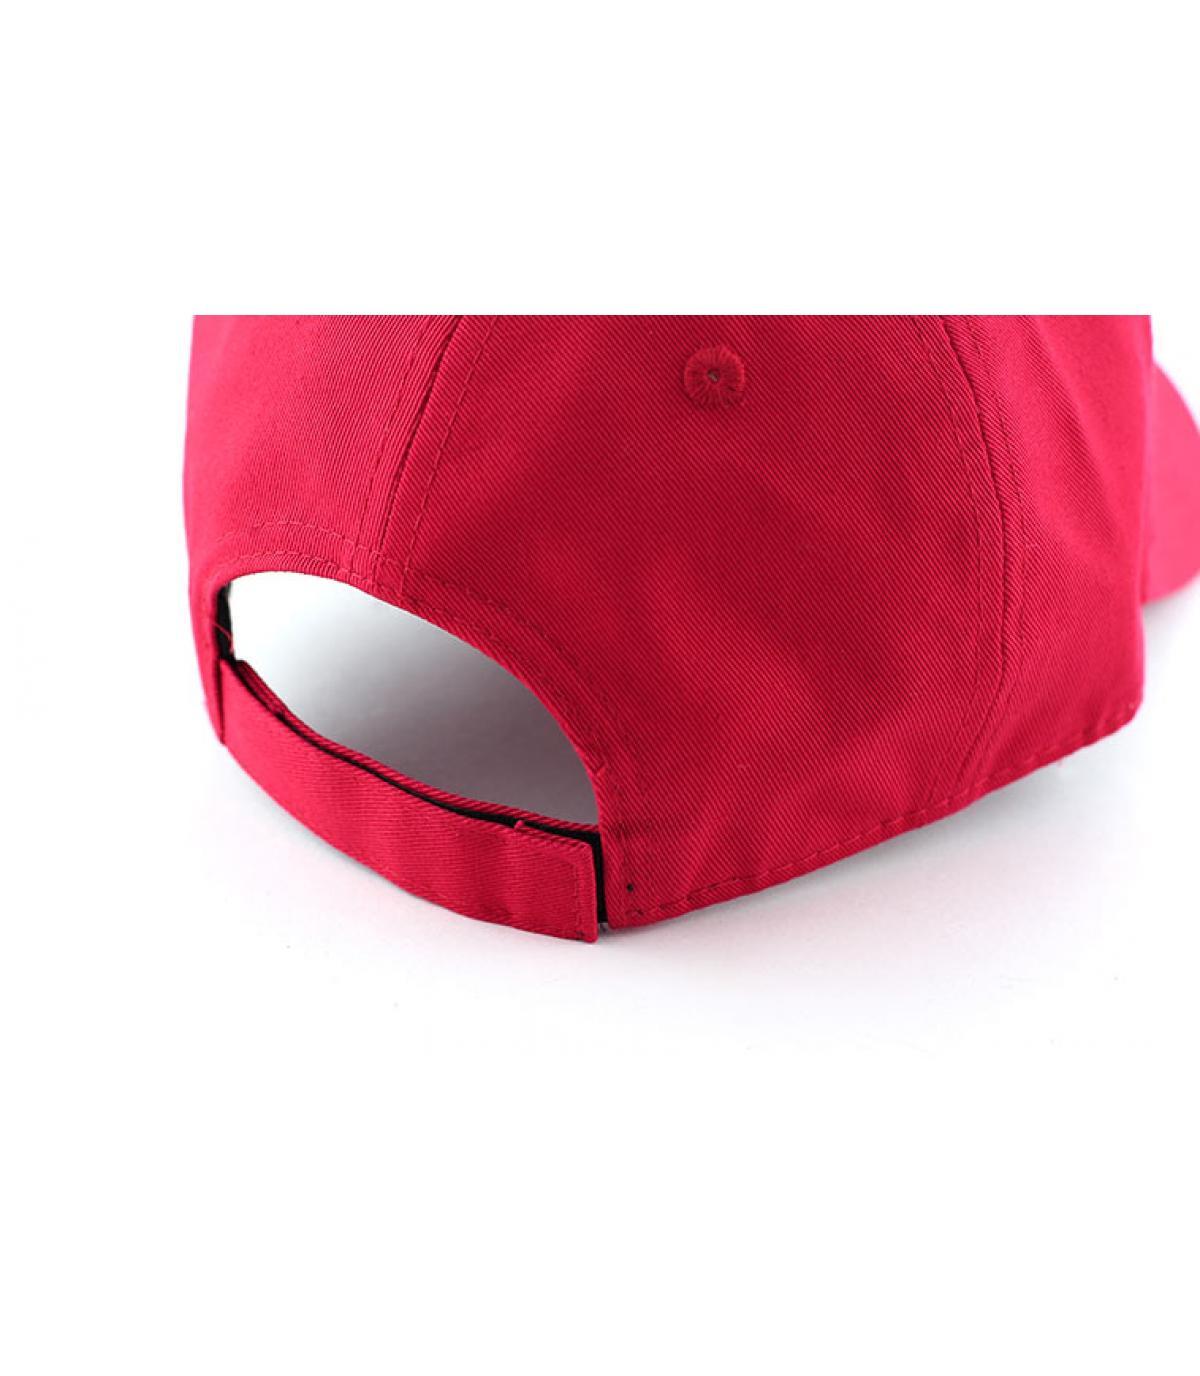 Details NE cap  basic red - afbeeling 4